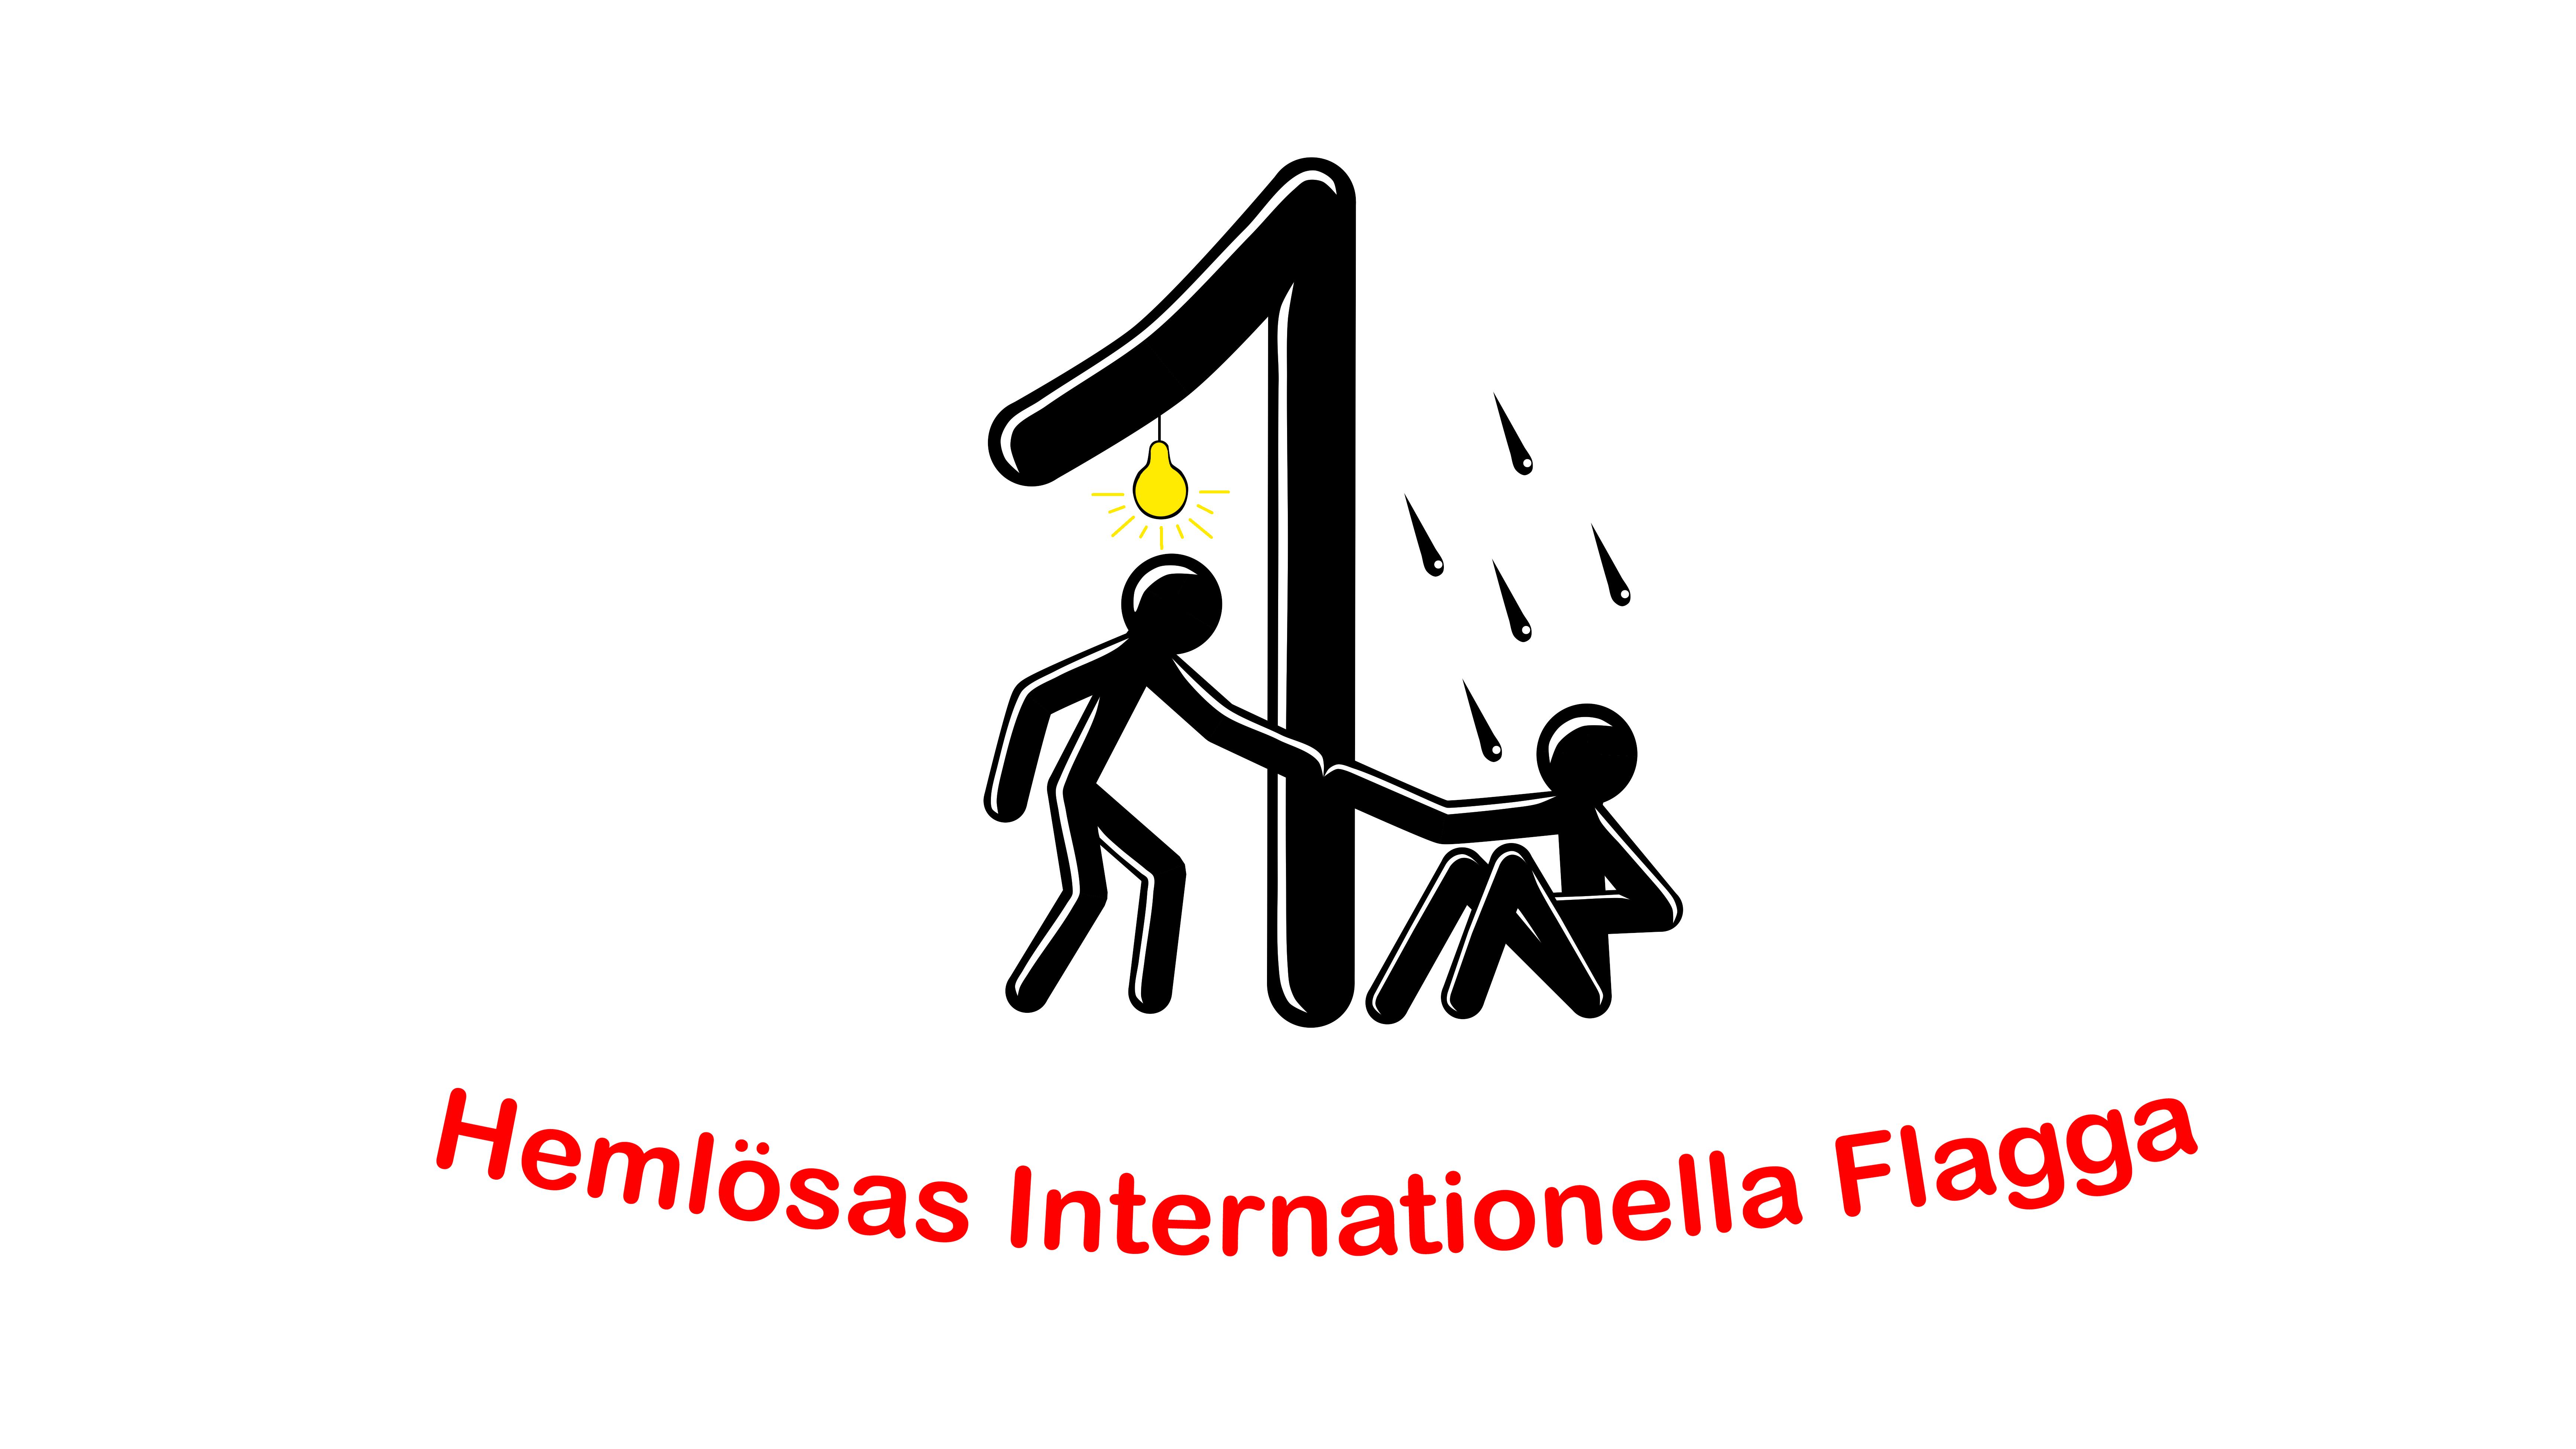 Hemlösas Internationella Flagga